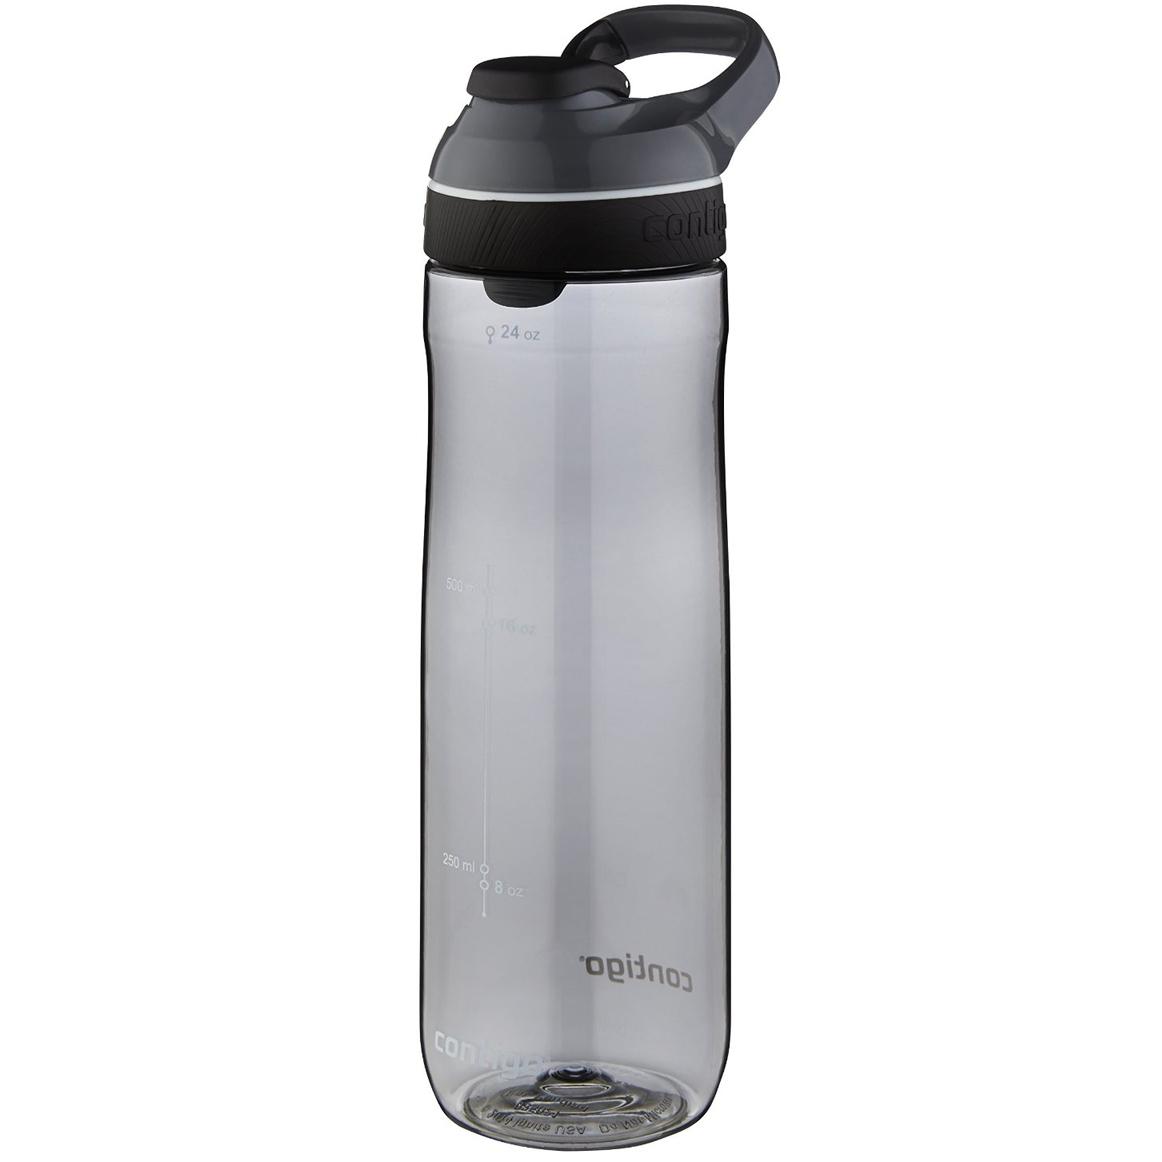 Contigo-24-oz-Cortland-Autoseal-Water-Bottle miniatura 11